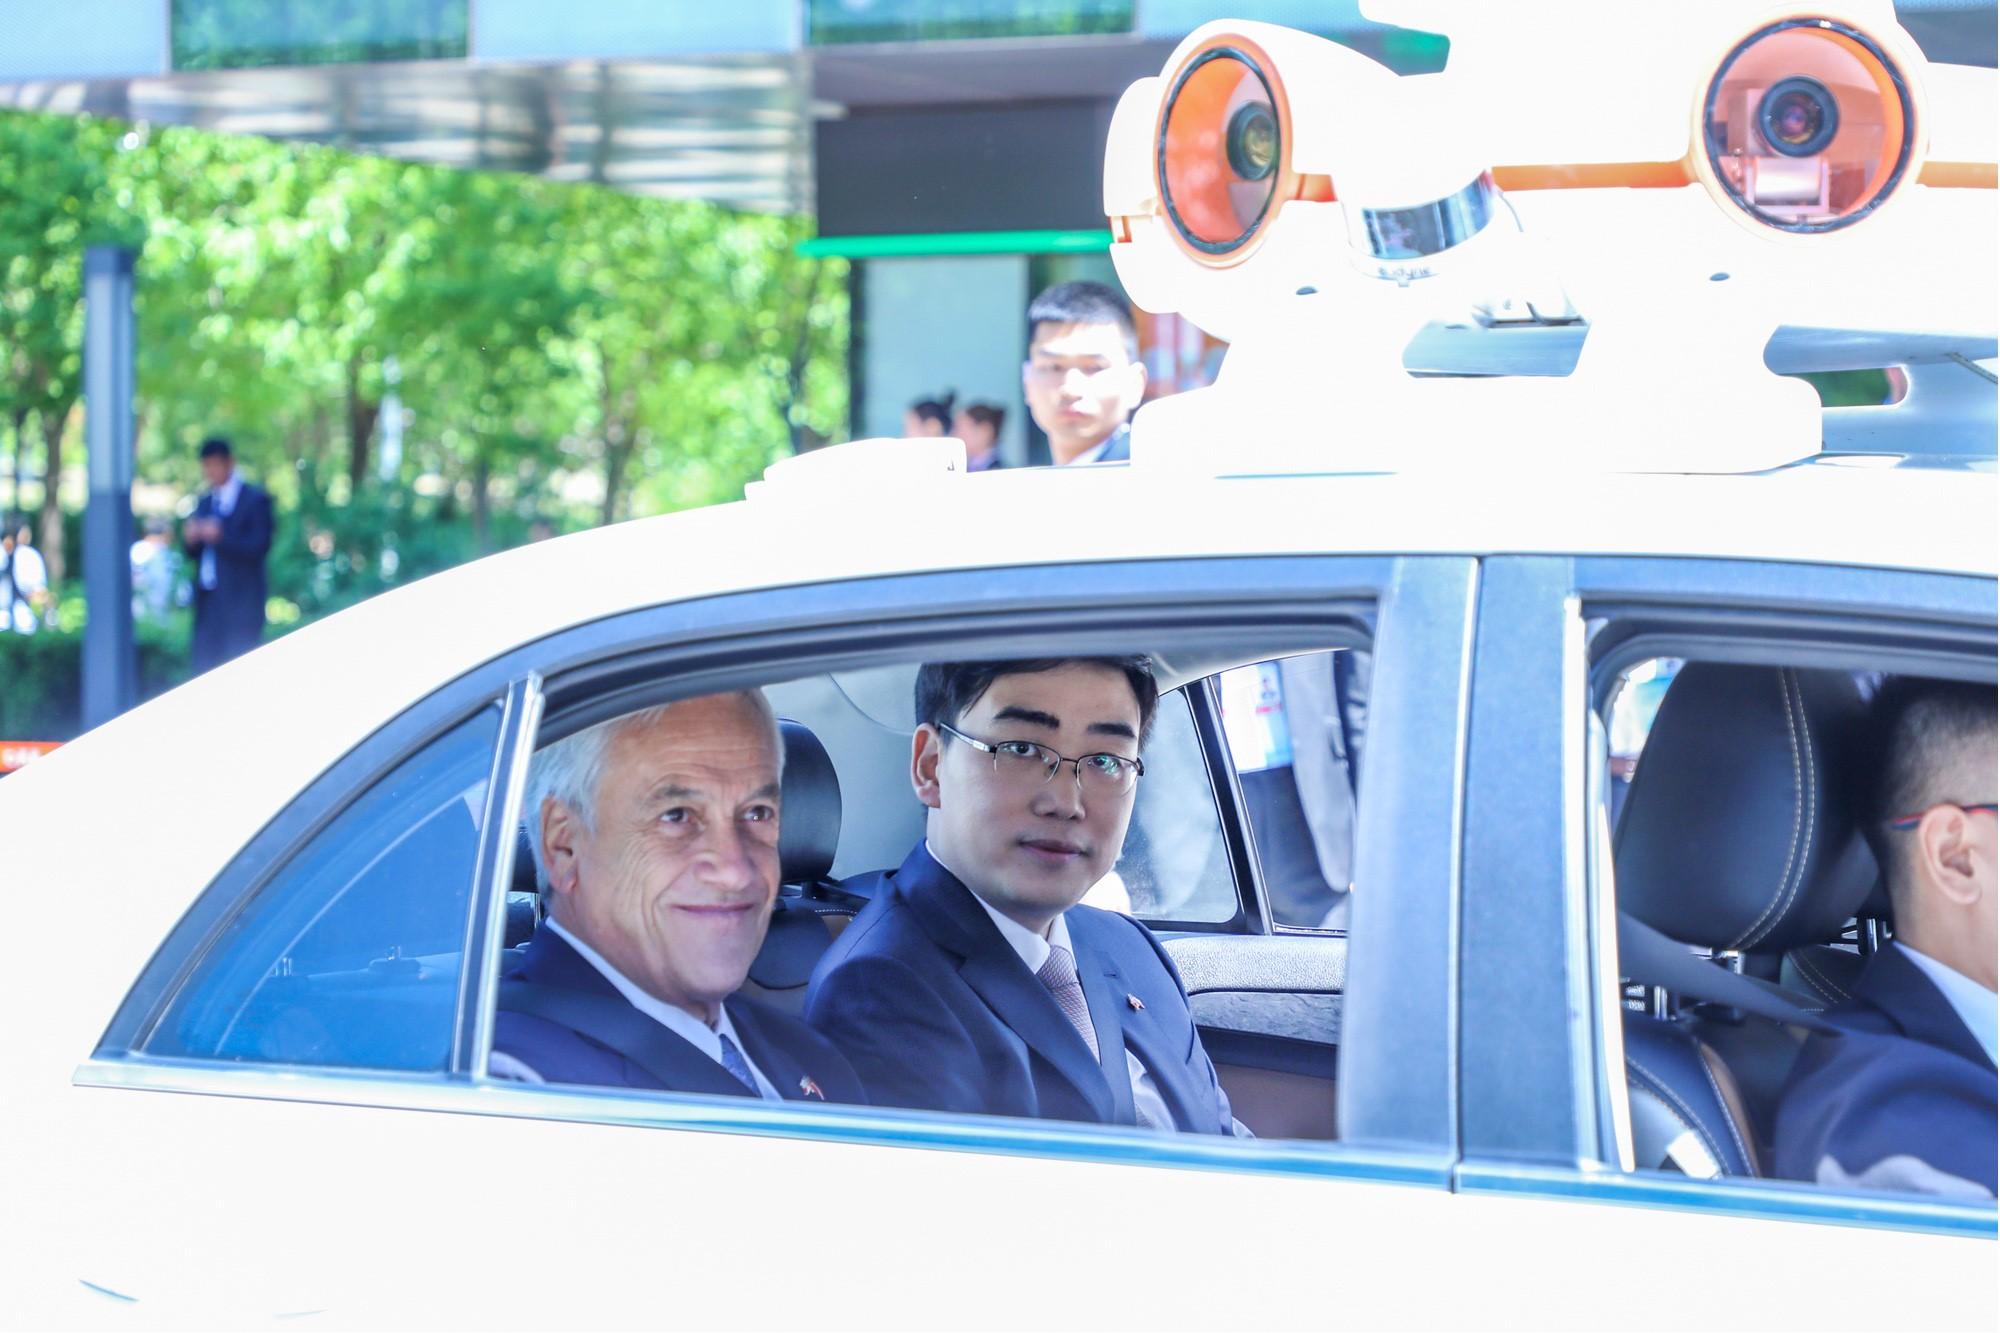 智利总统皮涅拉到访滴滴 与程维试乘滴滴无人车